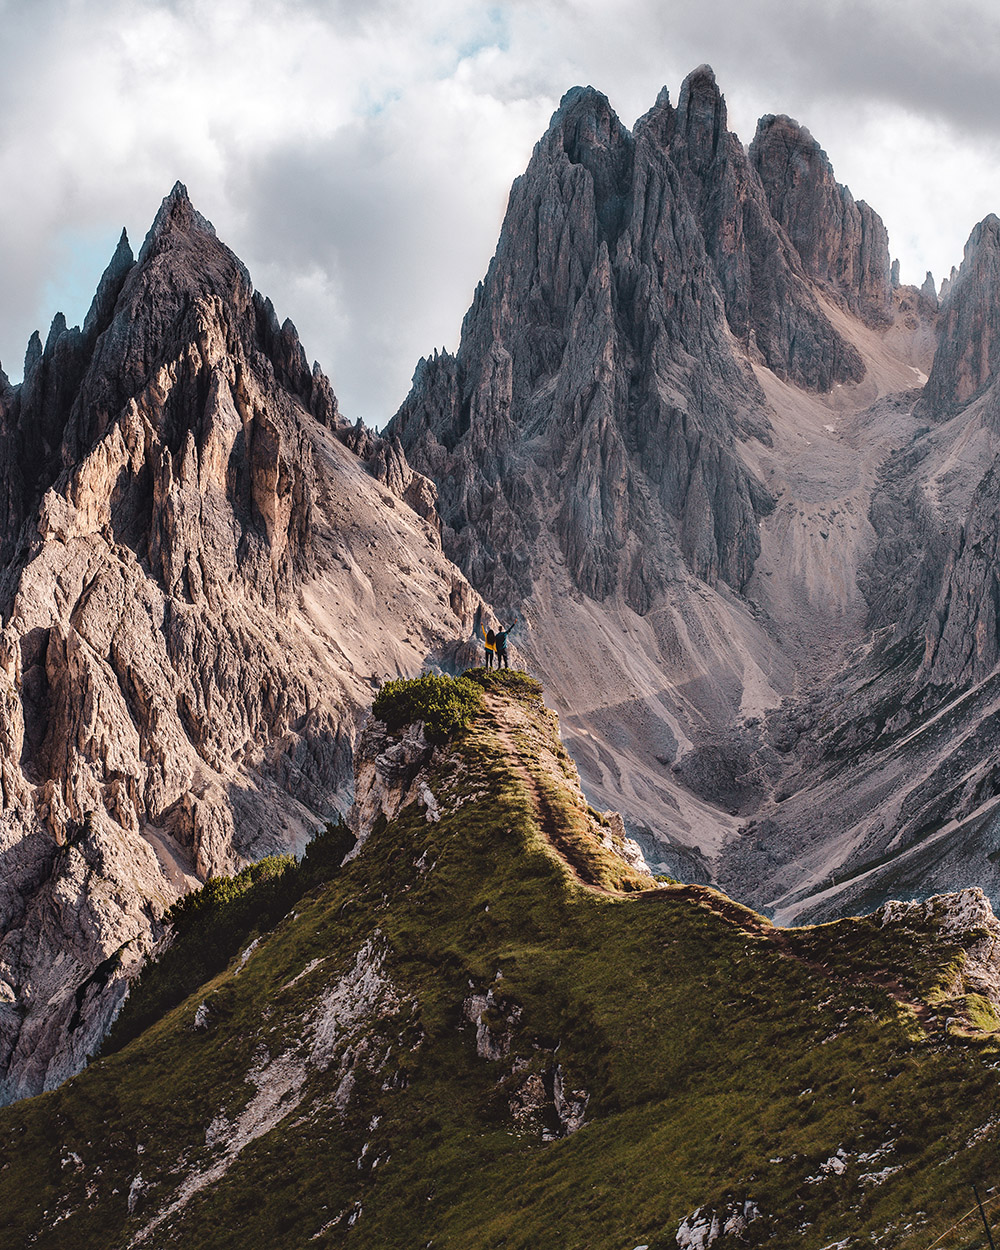 Uno de los lugares más bonitos de Dolomitas es este bonito mirador